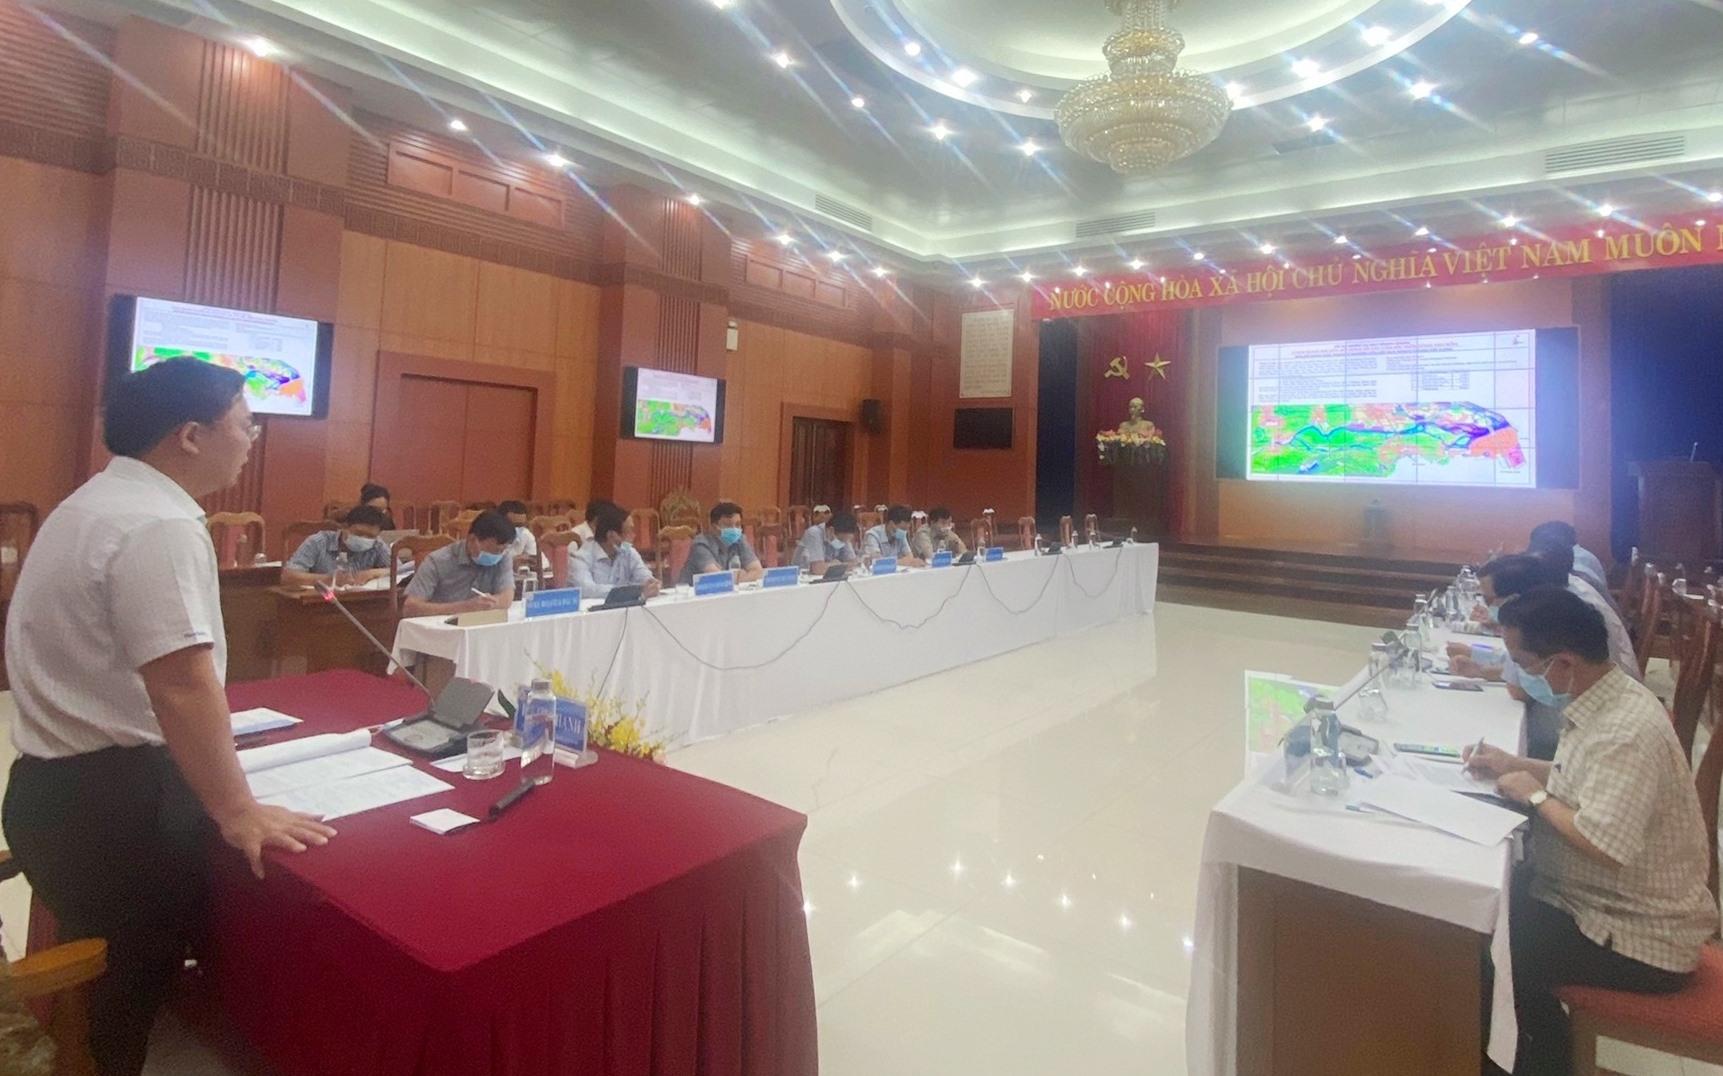 Chủ tịch UBND tỉnh Lê Trí Thanh chủ trì cuộc họp. Ảnh: H.P